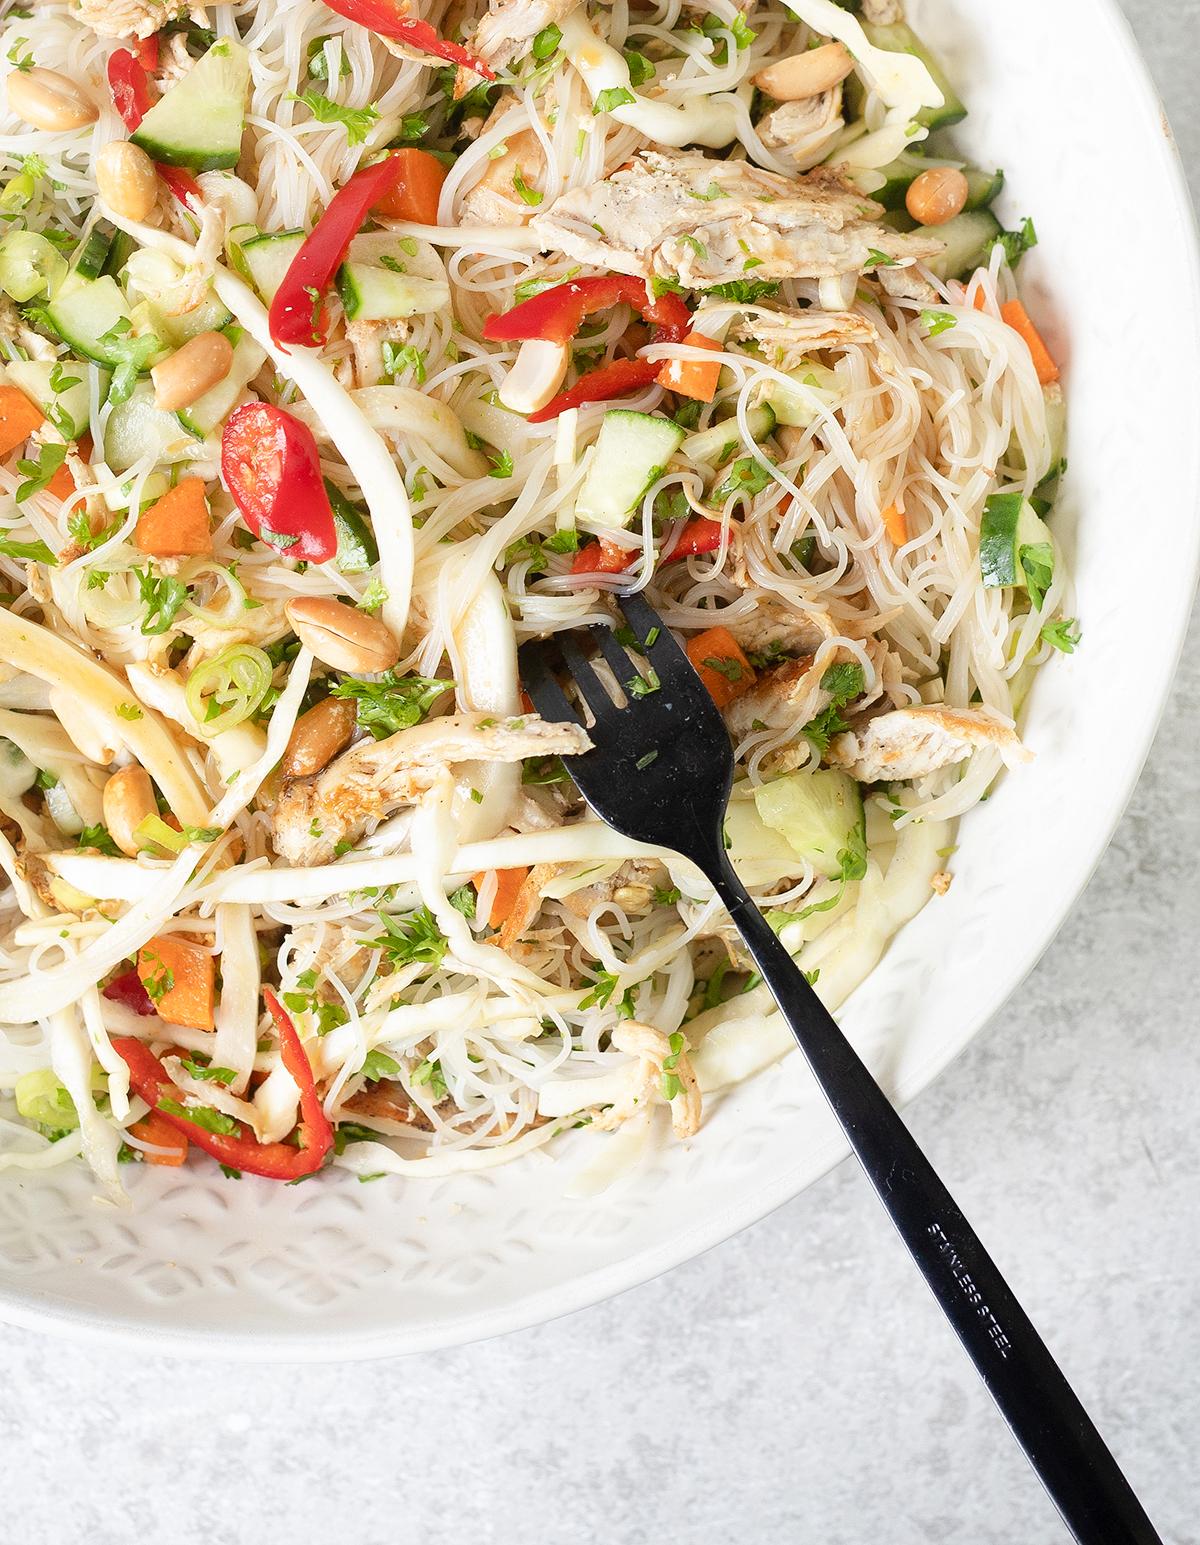 Vietnamese Chicken Noodle Salad – A fresh, delicious and healthy salad